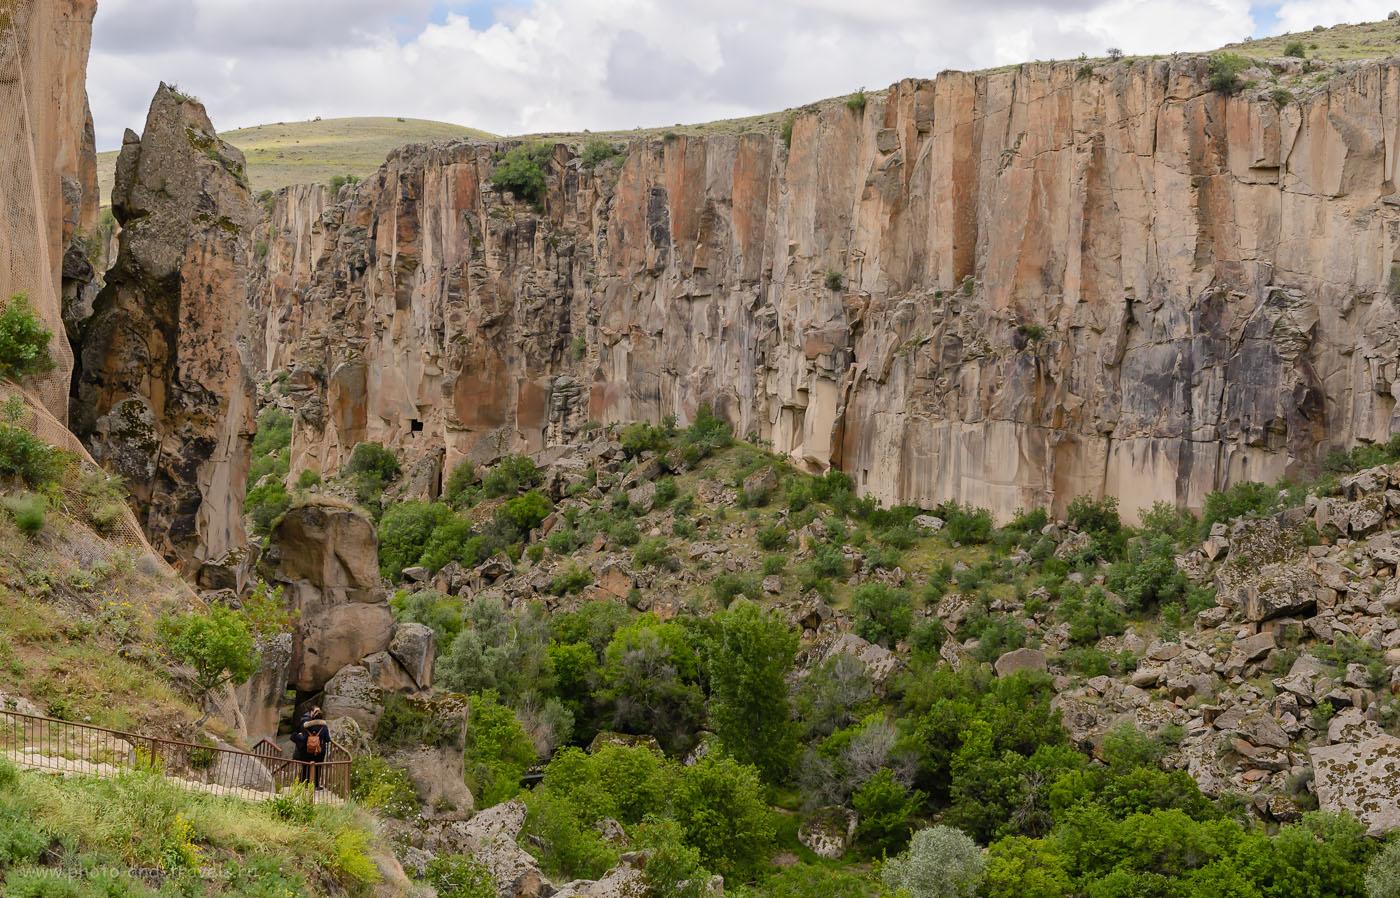 Фото 4. Долина Ihlara Valley. Отдых в Турции. Отзывы туристов из России. 1/640, -2.0, 8.0, 400, 44.